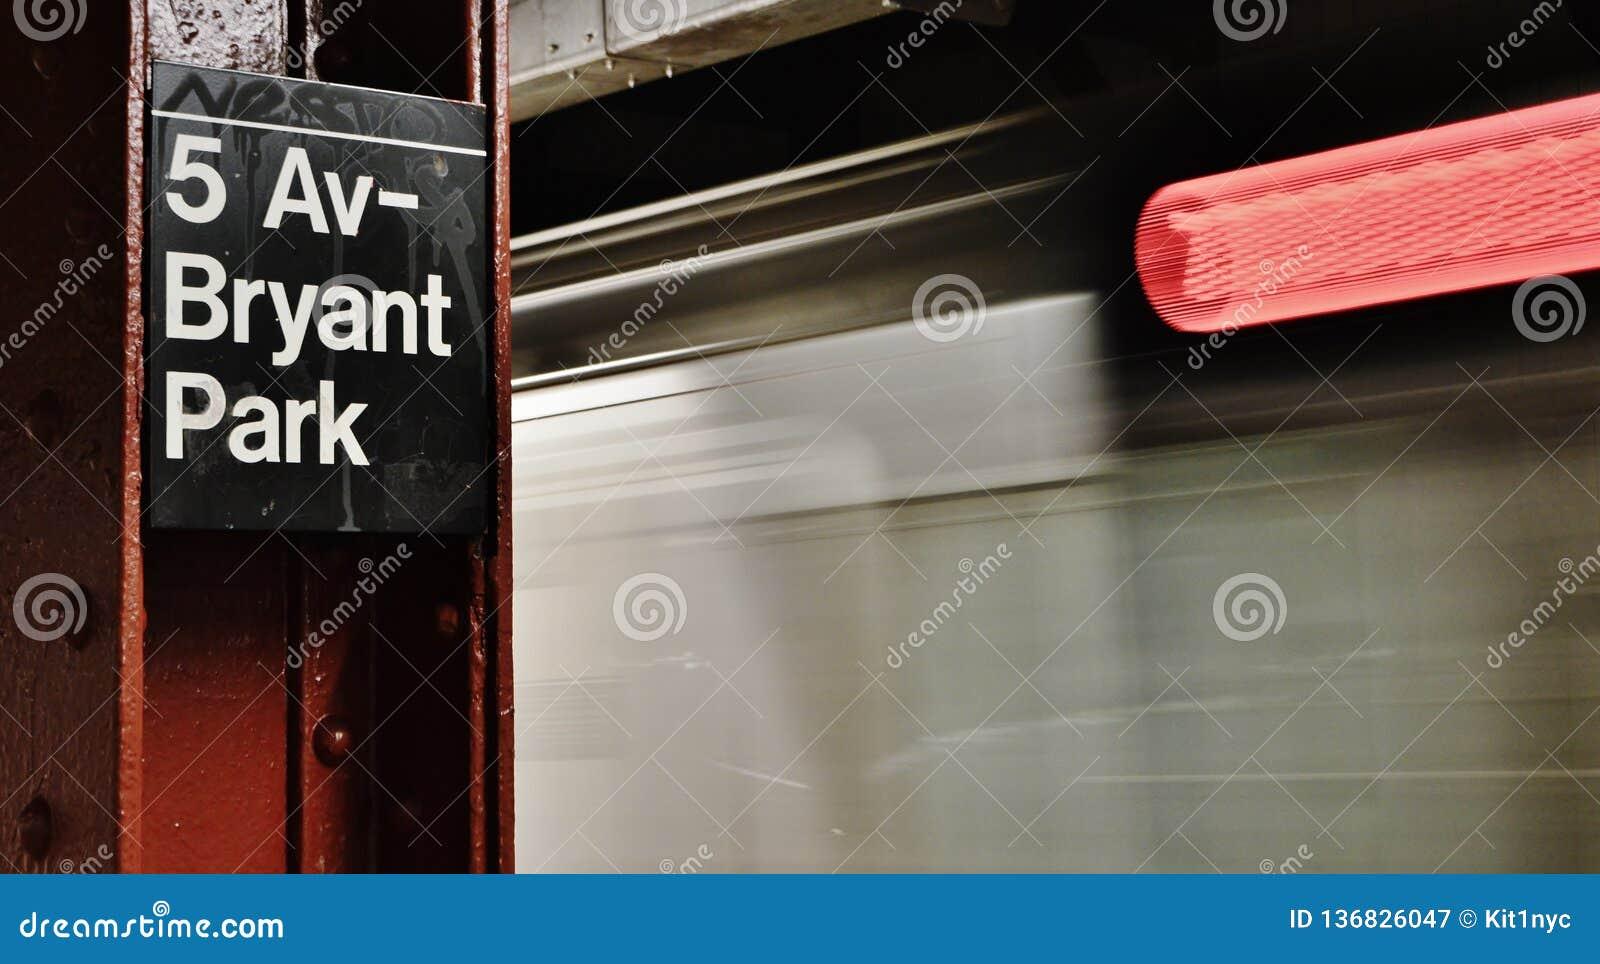 Déplacement de train rapide de MTA Fifth Avenue Bryant Park Train Station Platform de New York City